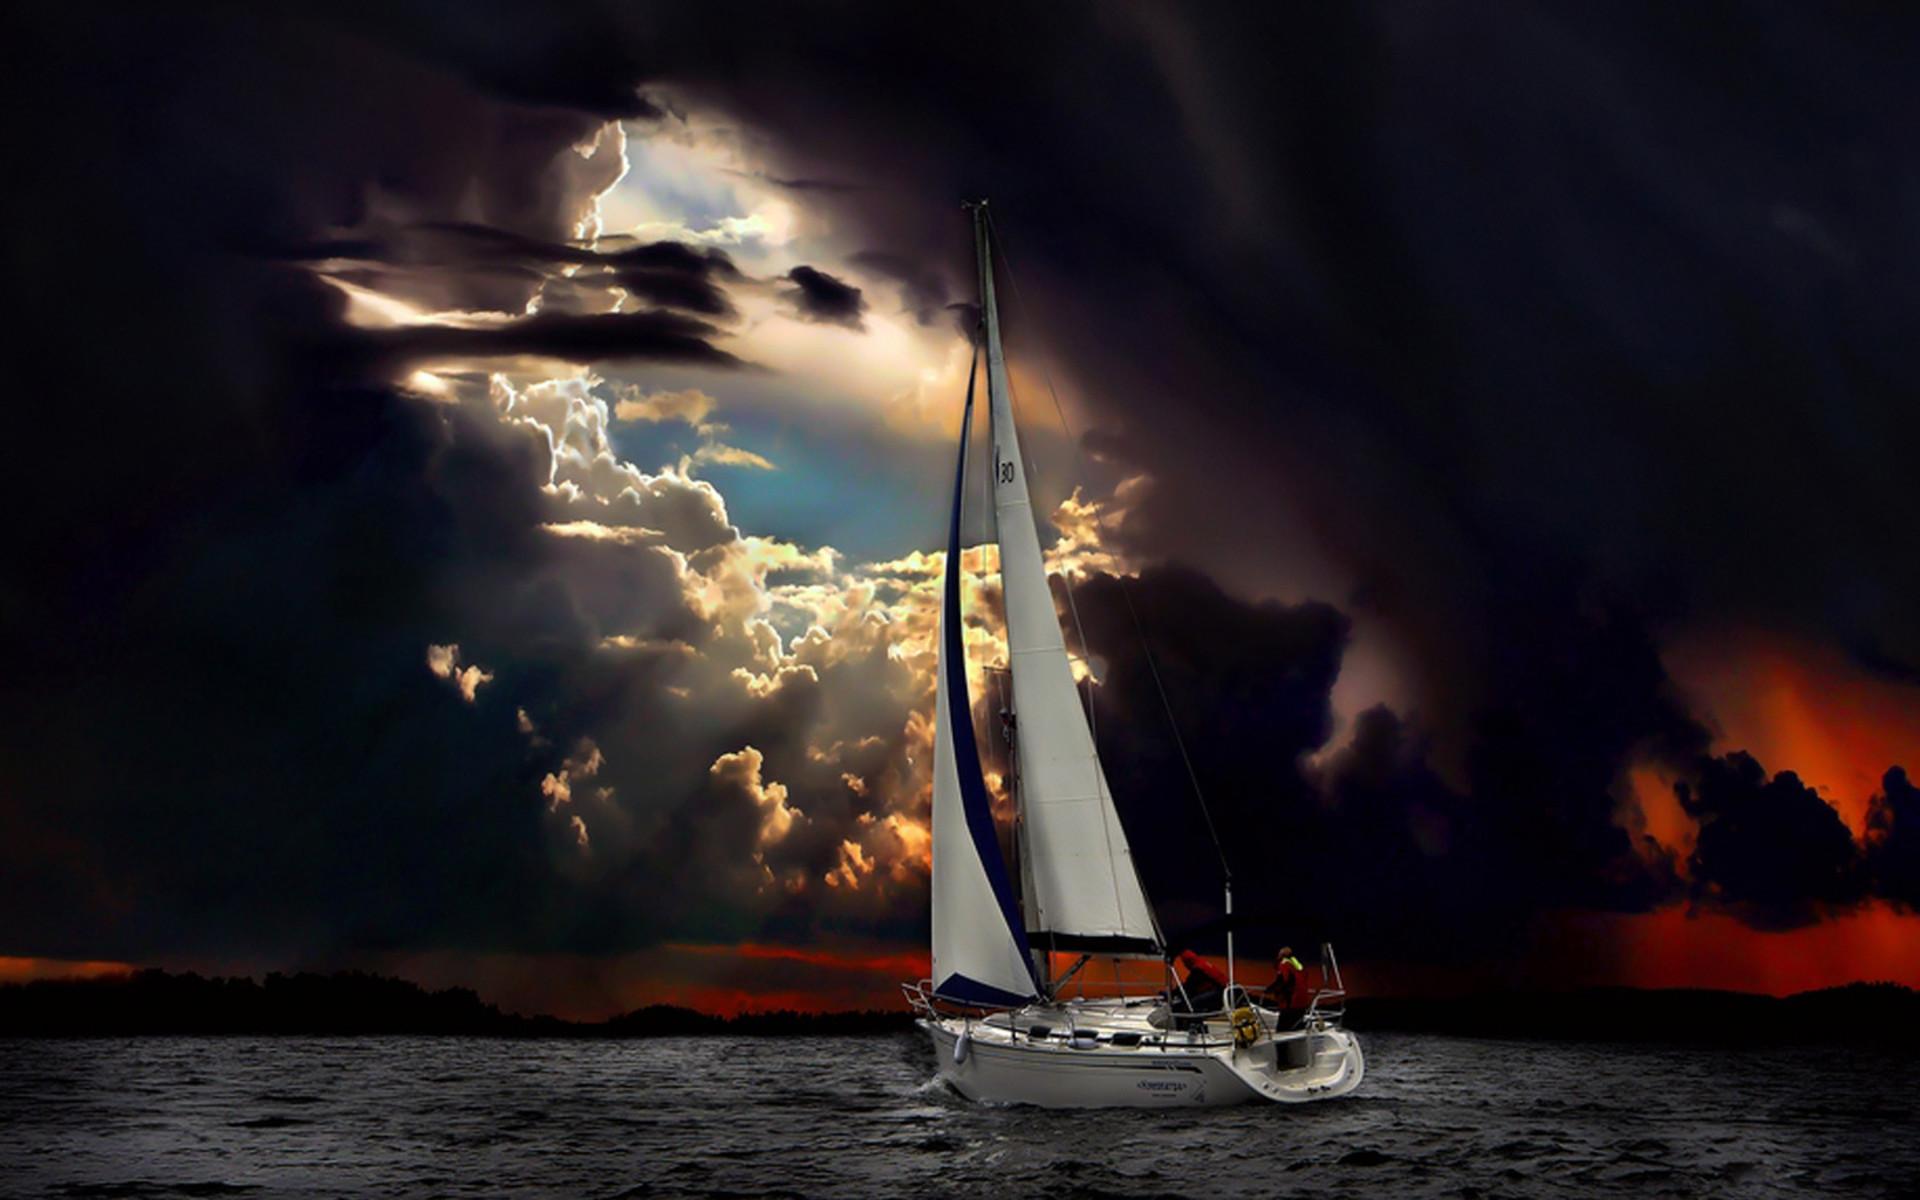 ночь яхта корабль  № 3498337 бесплатно